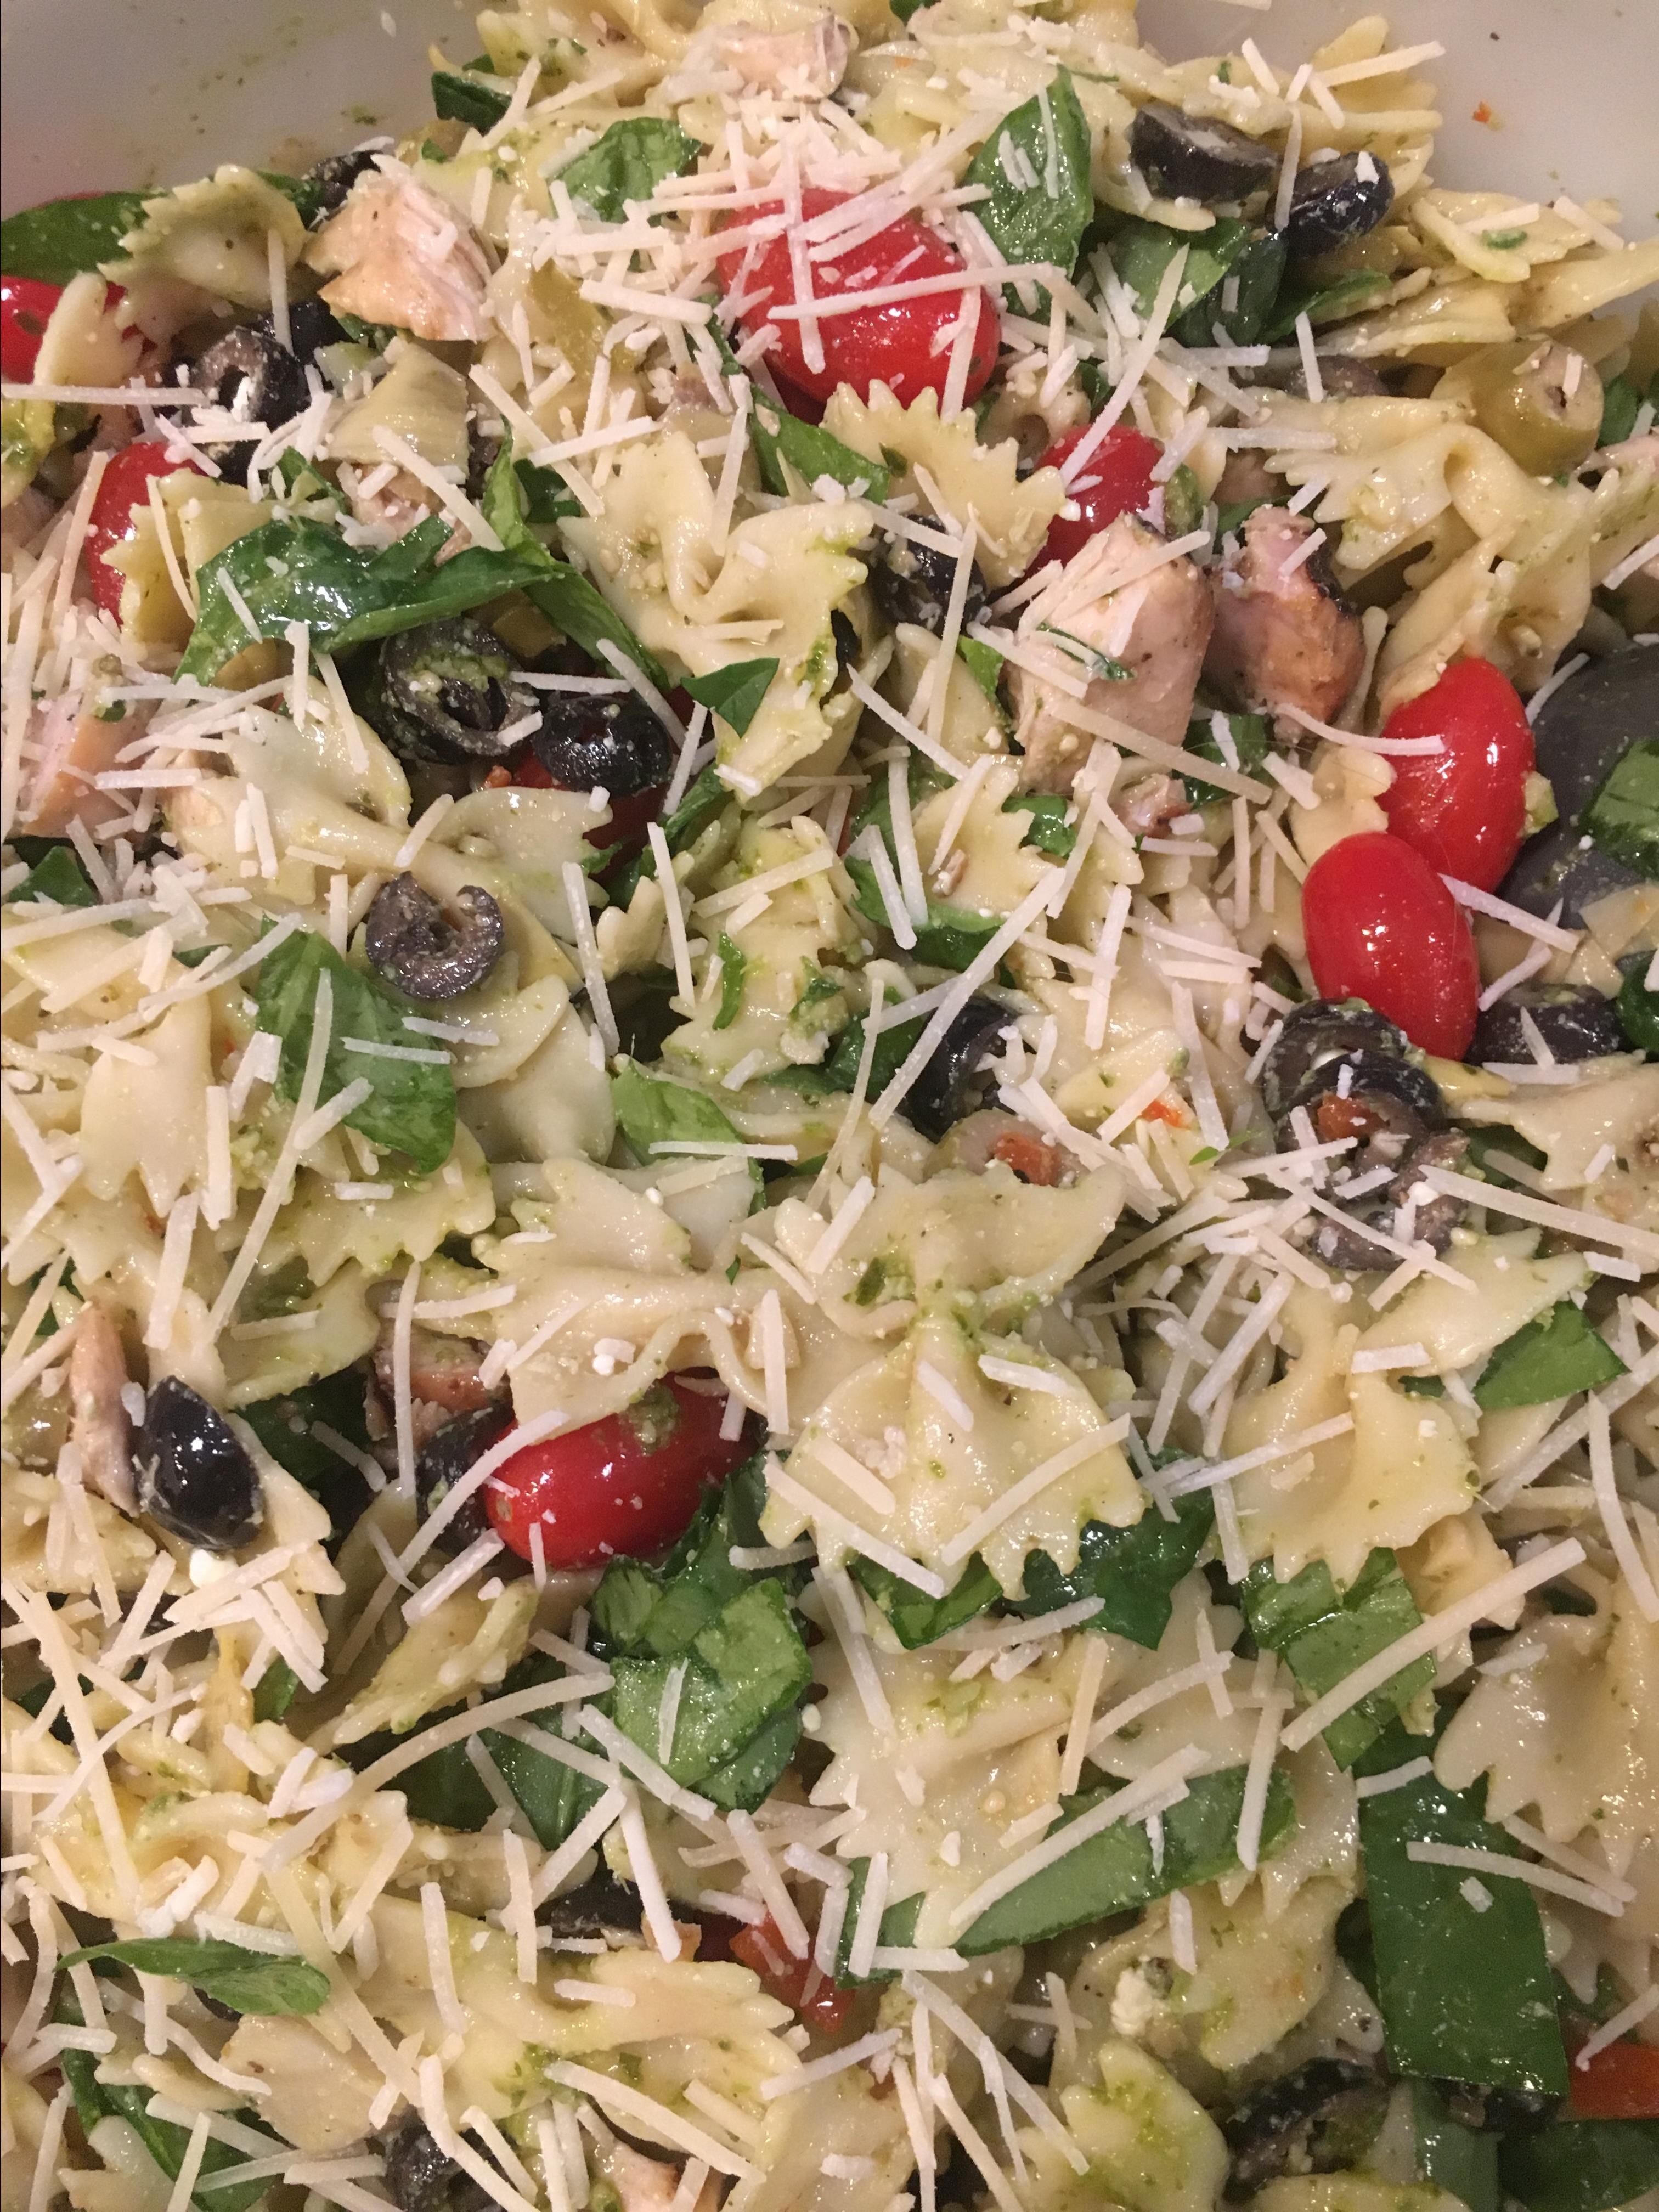 pesto surprise vegetarian pasta salad recipes